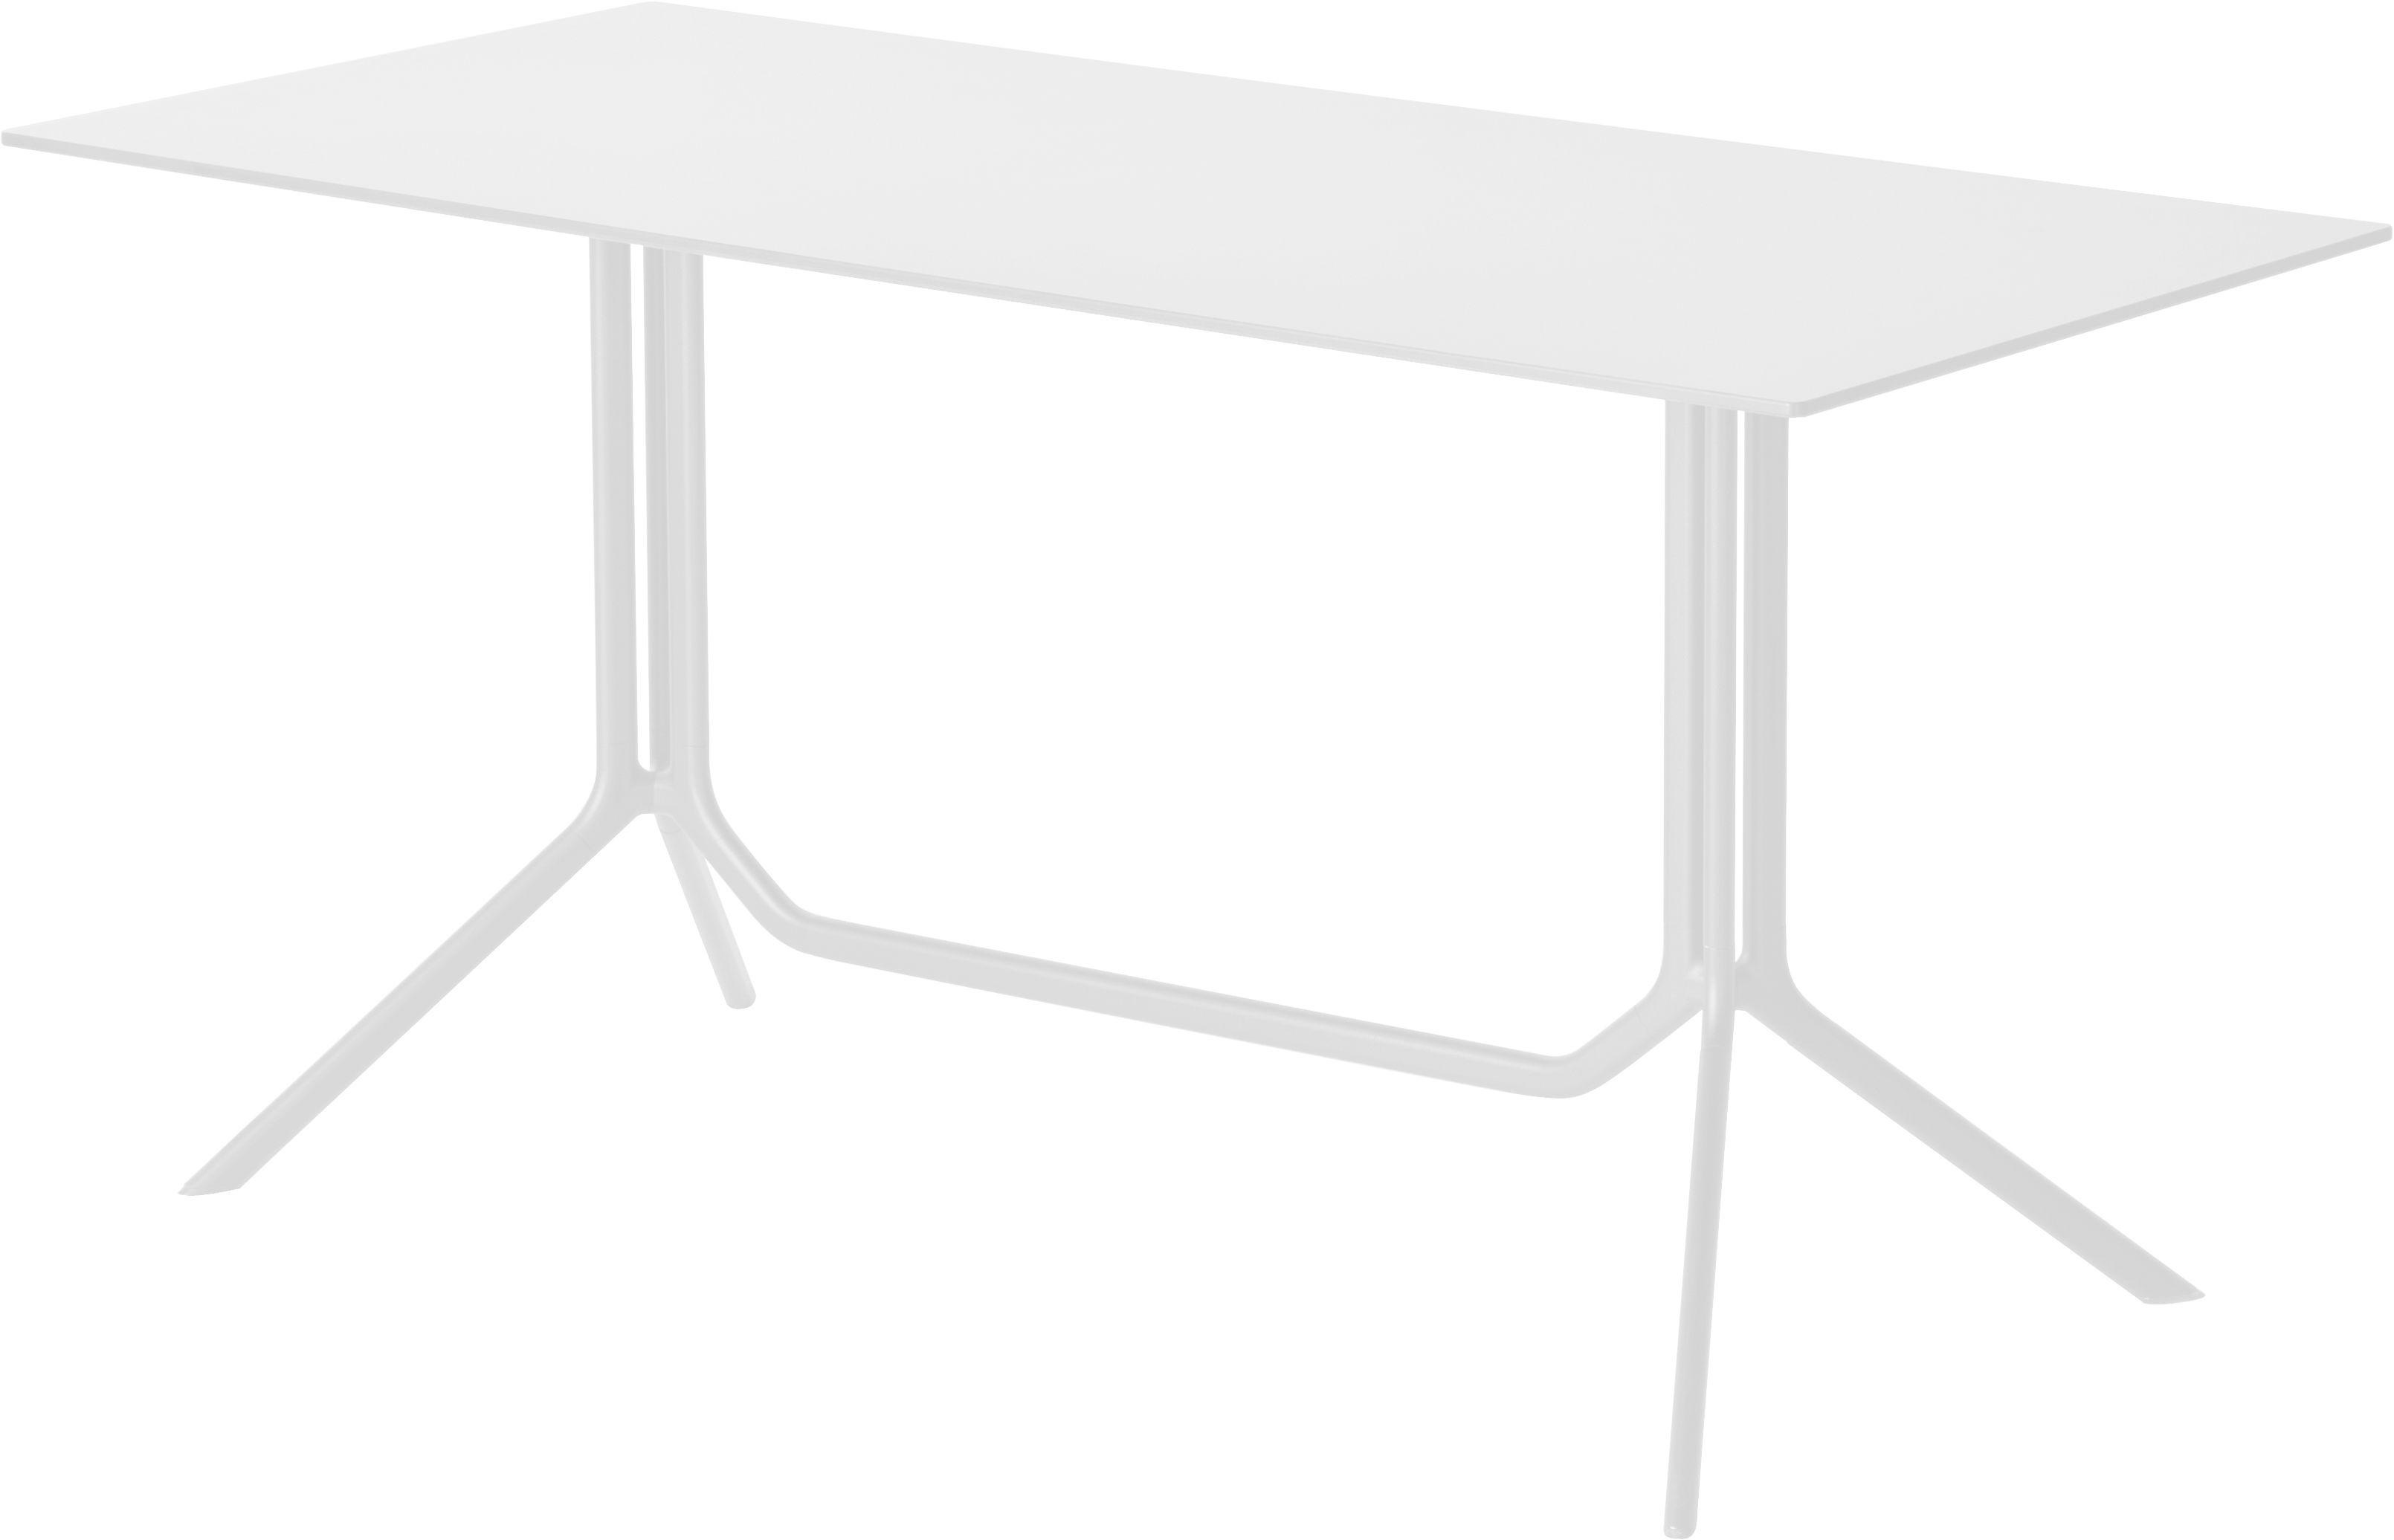 Outdoor - Tables de jardin - Table rectangulaire Poule double / Fixe - 150 x 70 cm - Kristalia -